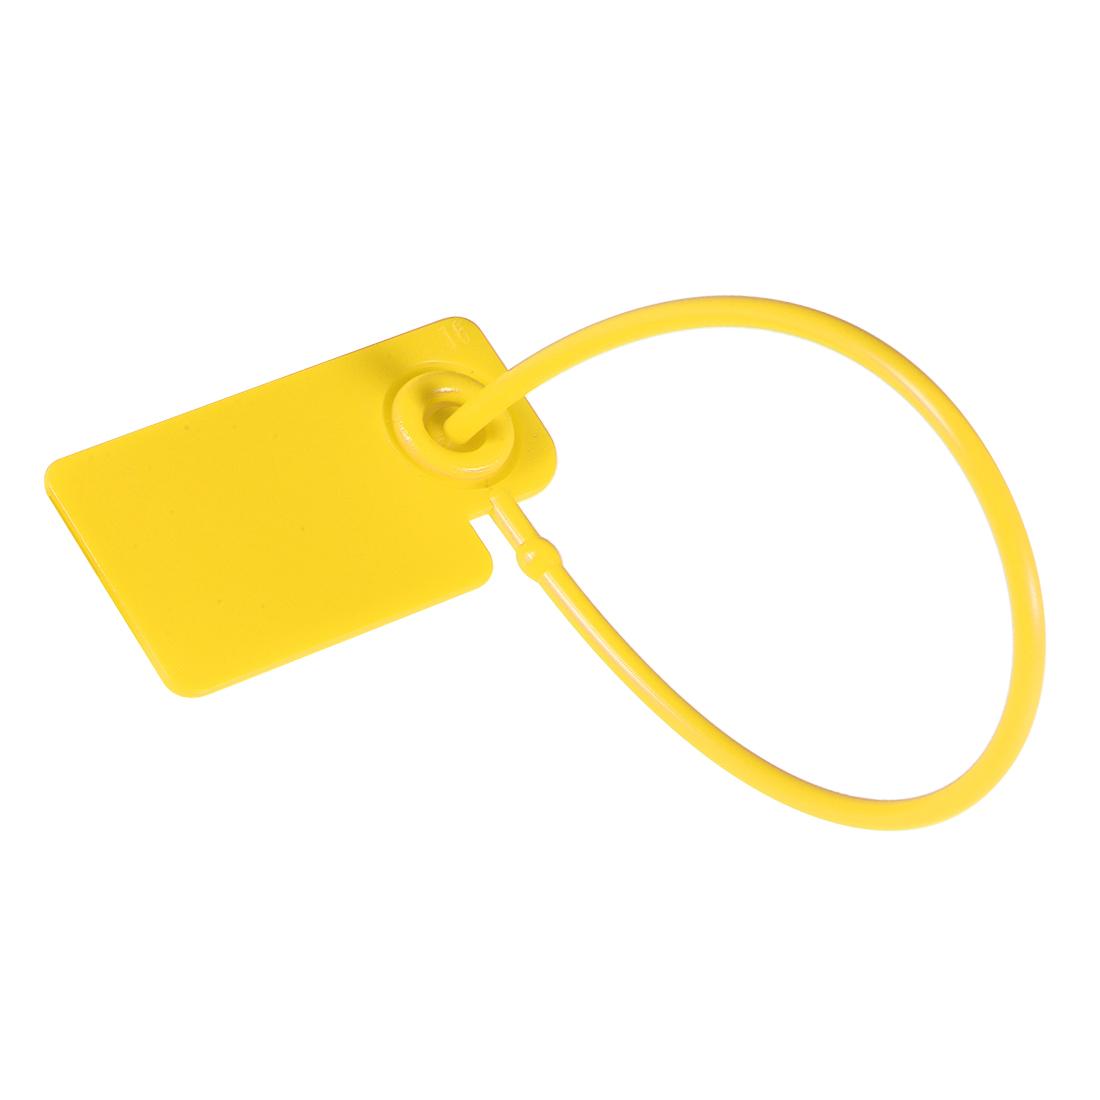 Plastic Zip Ties Seals Anti-Tamper 175mm Length, Yellow, Pack of 20